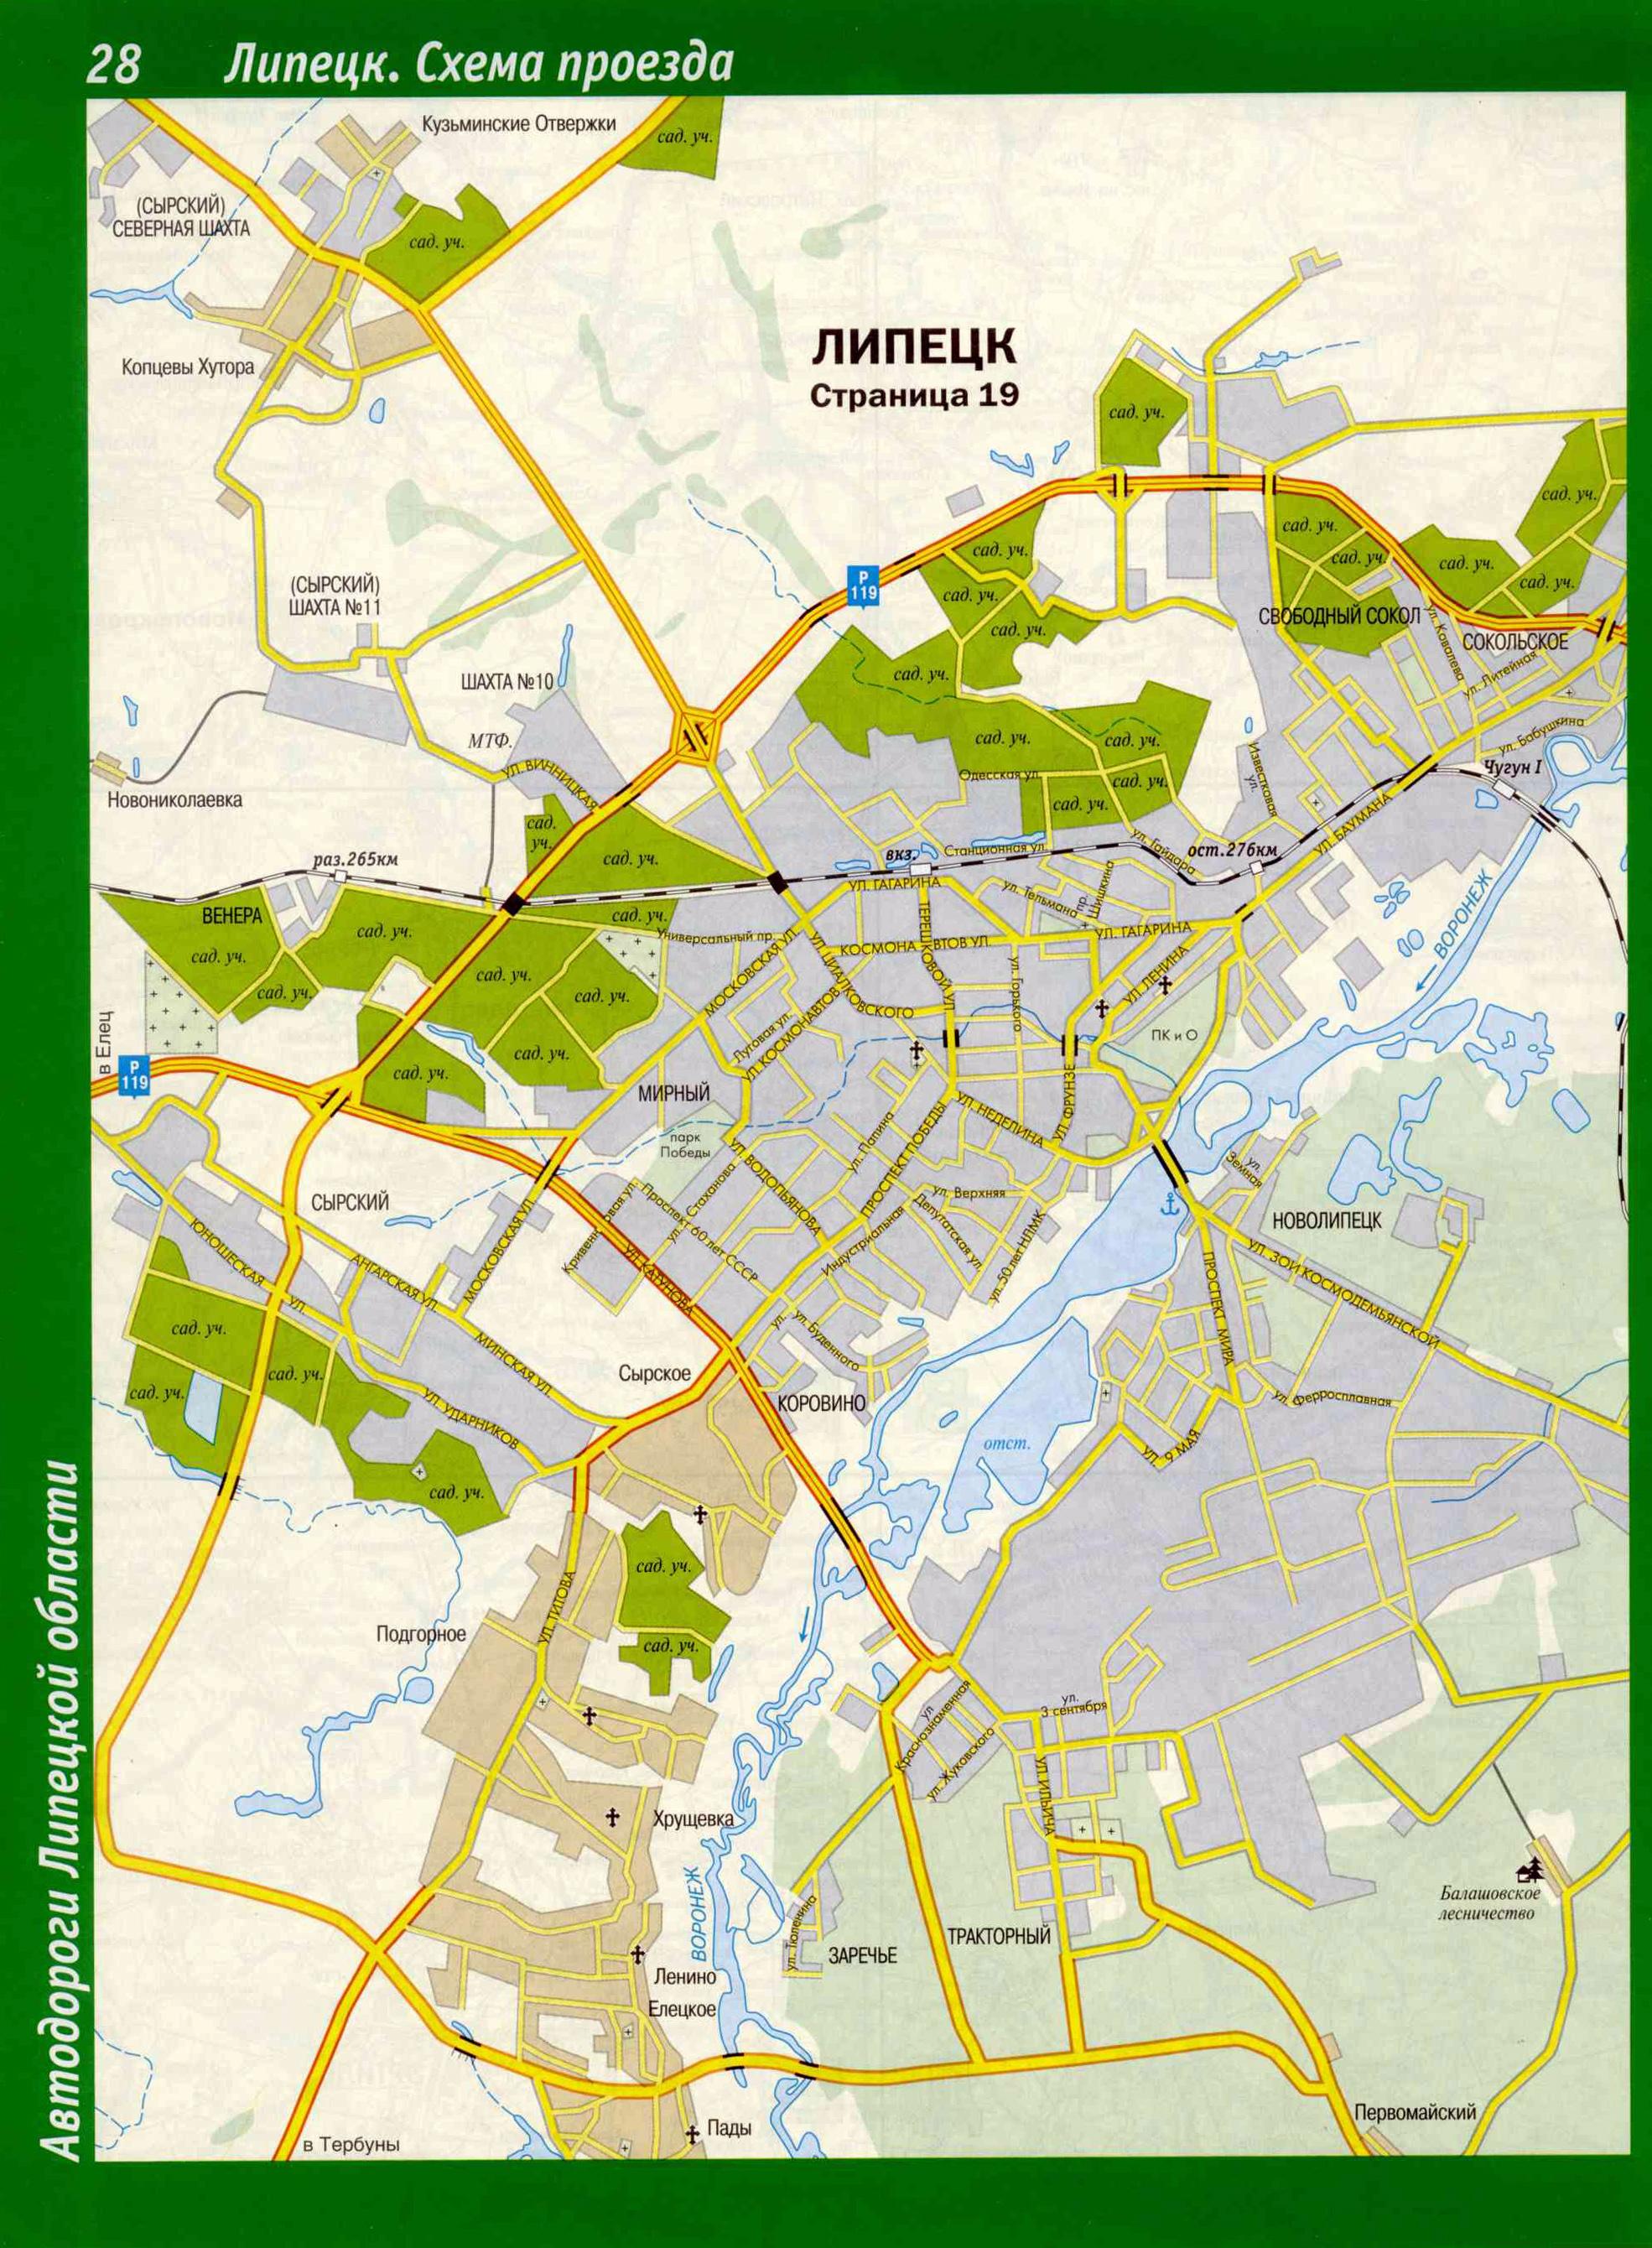 Подробная карта улиц Липецка.  Скачать бесплатно карту Липецка.